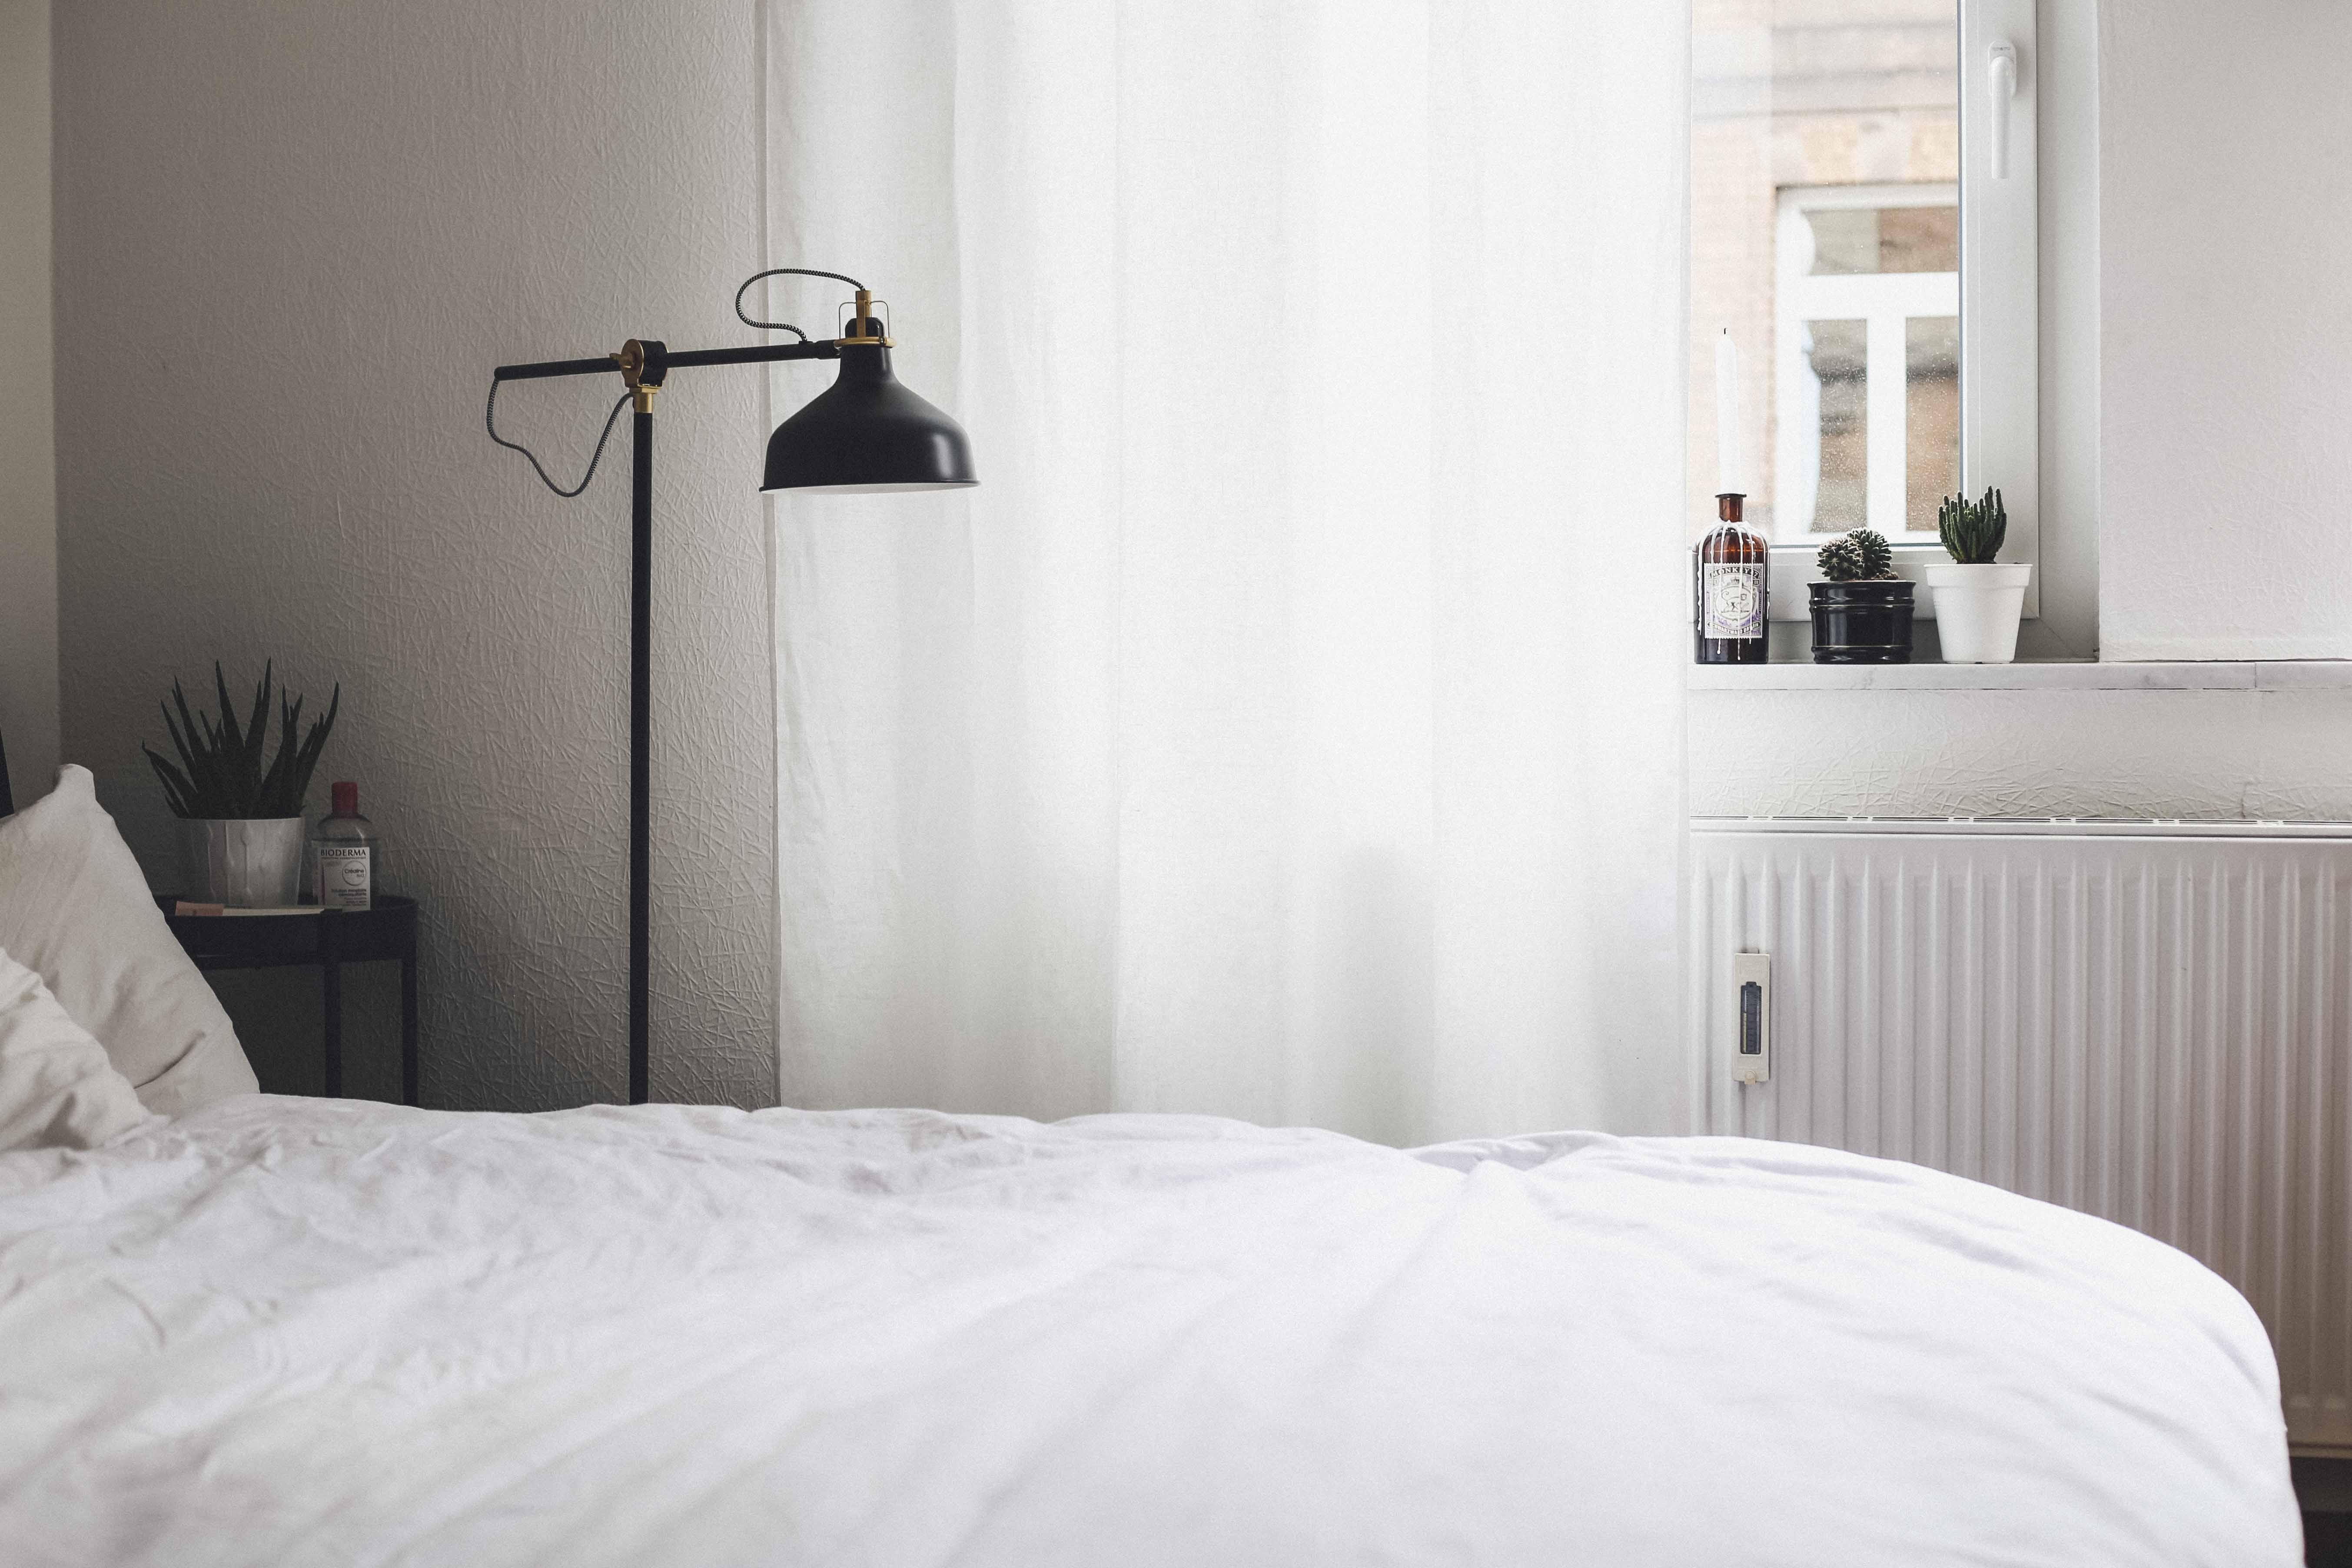 otto schlafzimmer set rauch ikea begehbare kleiderschr nke bettw sche kreise schlafzimmer. Black Bedroom Furniture Sets. Home Design Ideas